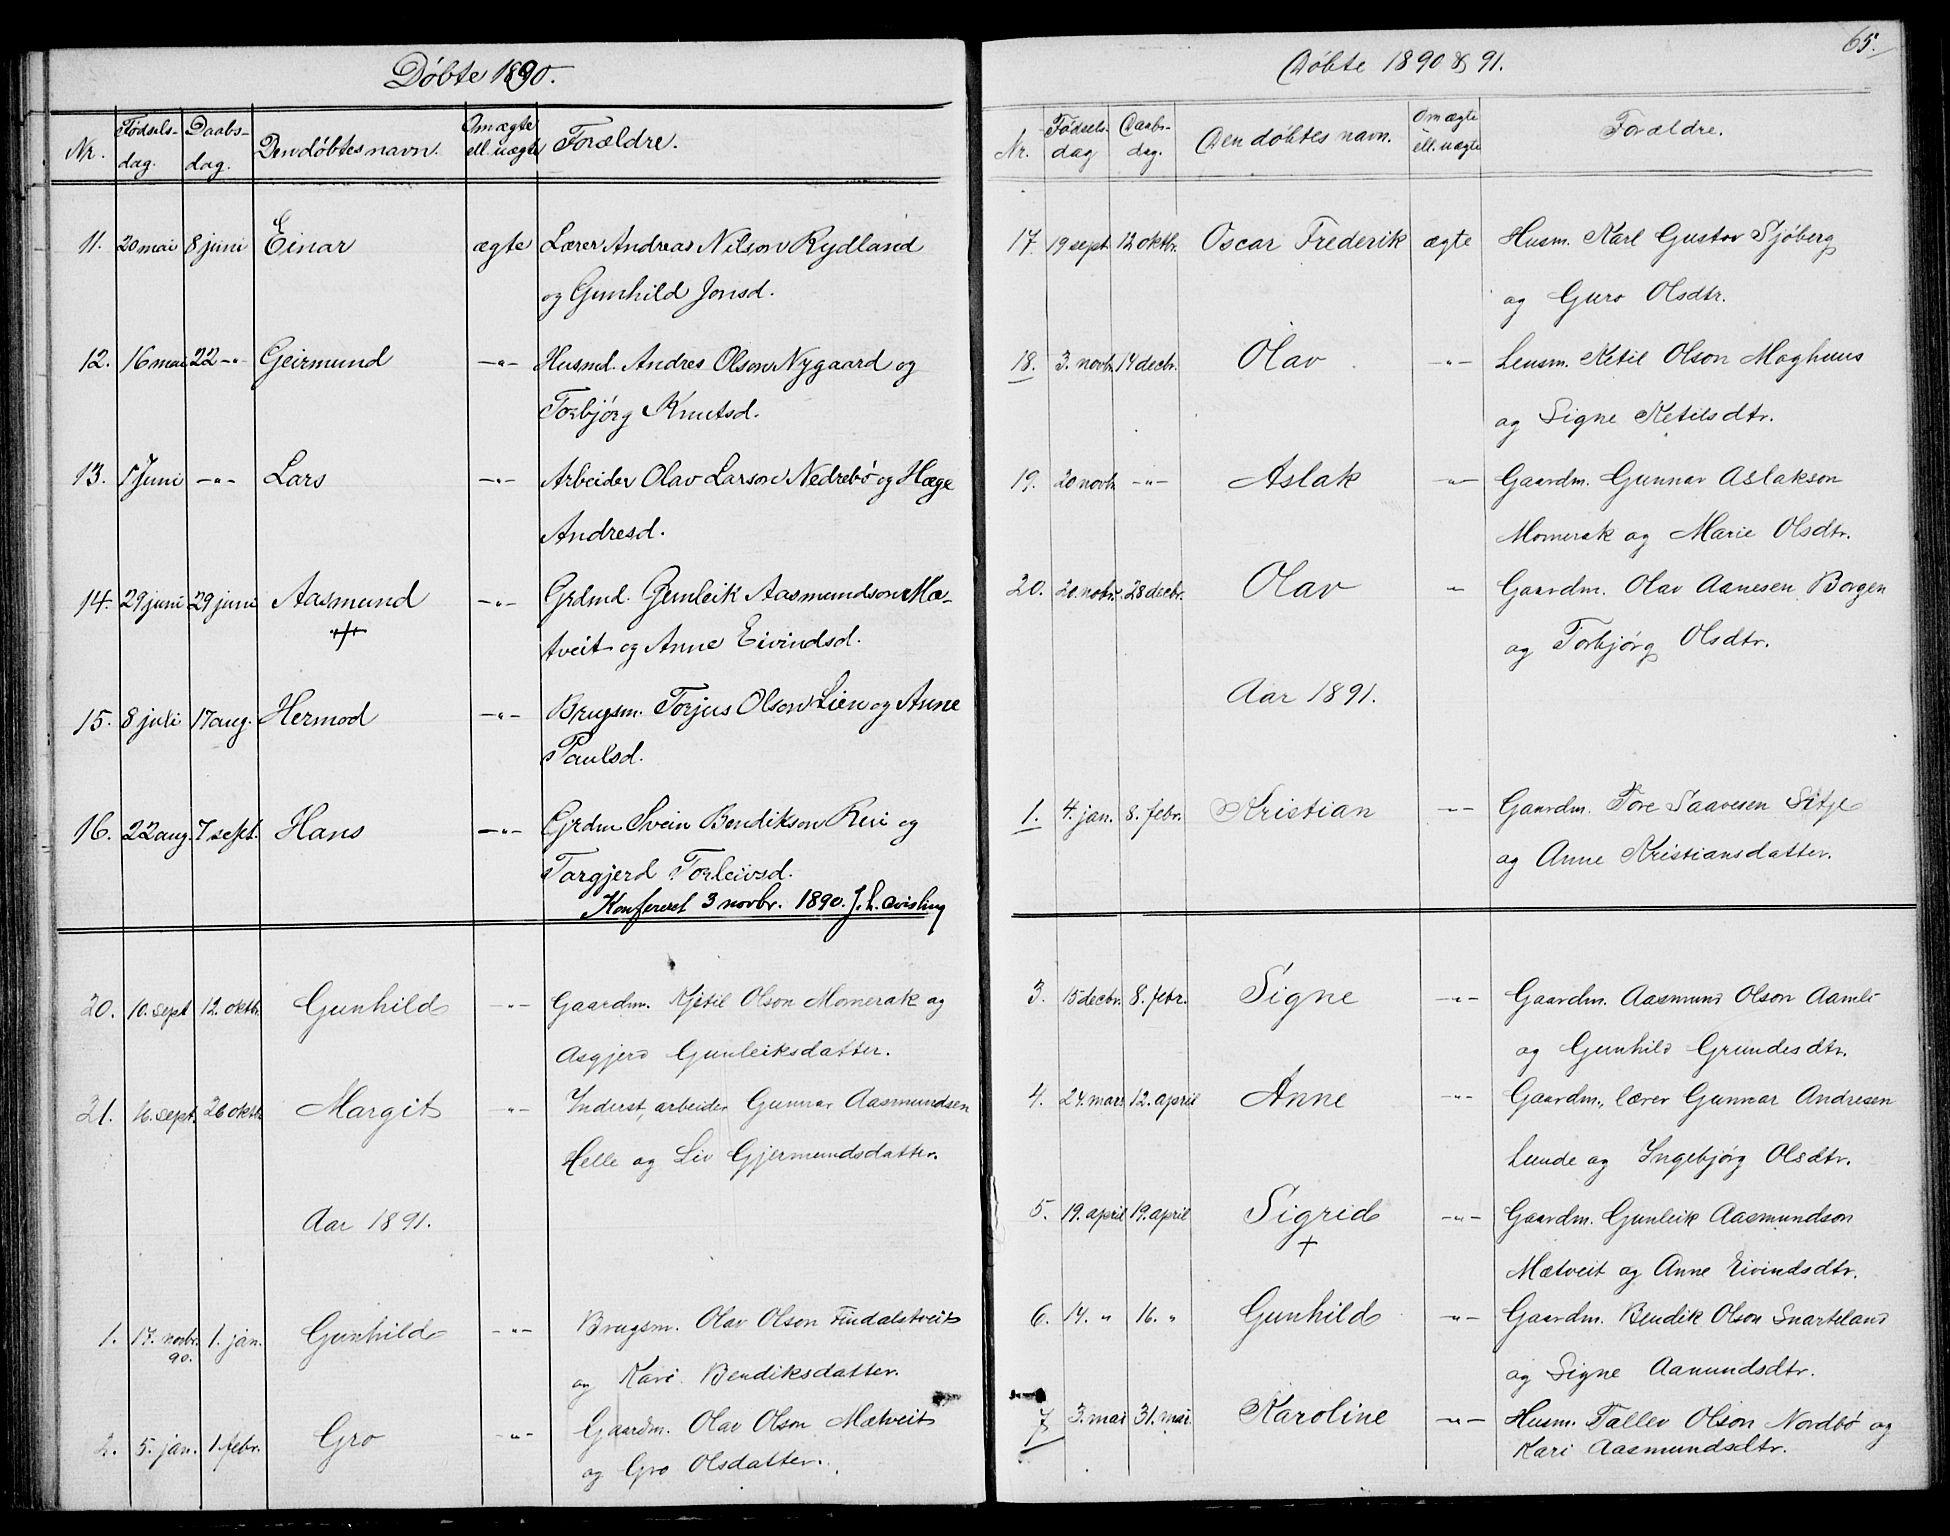 SAKO, Fyresdal kirkebøker, G/Ga/L0004: Klokkerbok nr. I 4, 1864-1892, s. 65